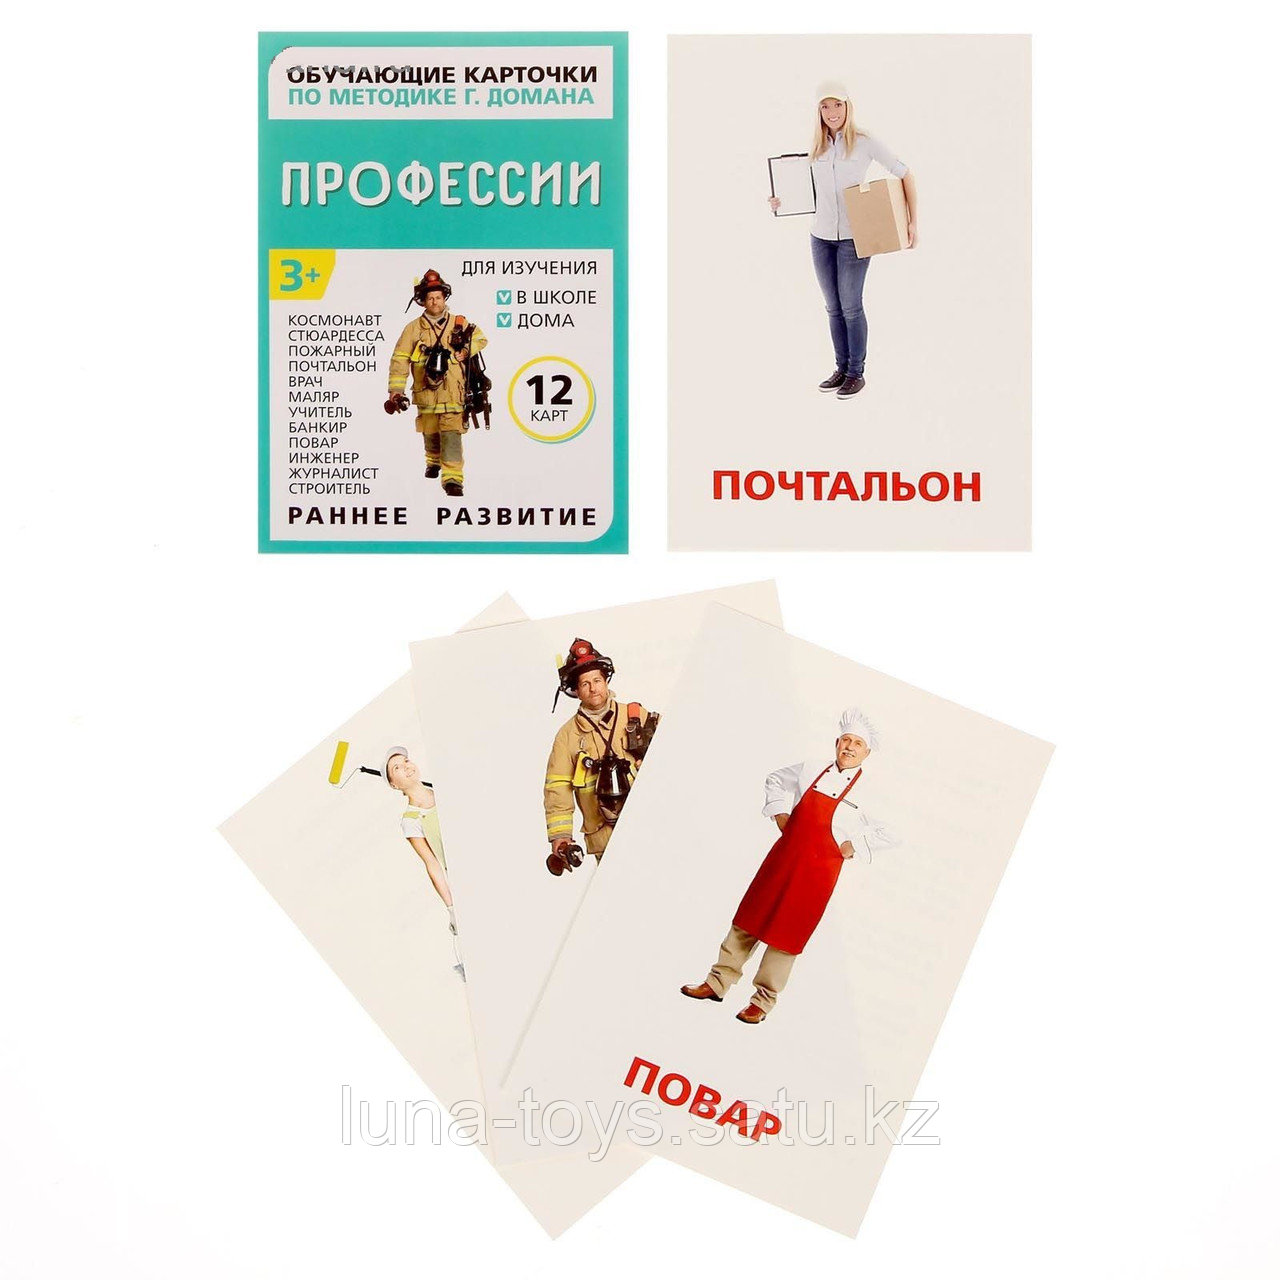 """Обучающие карточки по методике Г.Домана """"Профессии"""""""